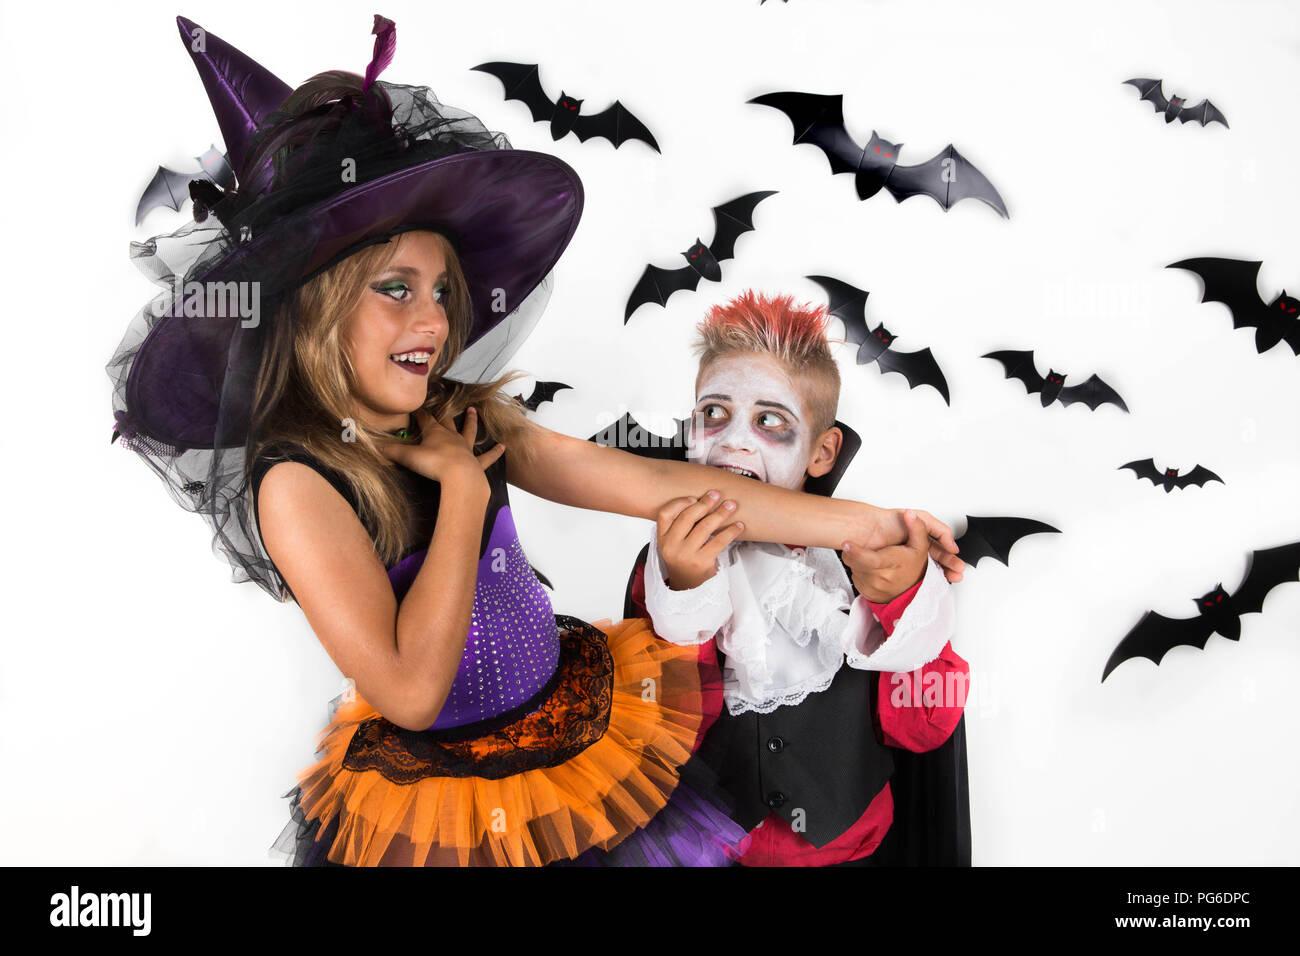 Kinder feiern Halloween in Kostümen der Hexe und Vampir. Vampire vorgibt, Witch's Arm zu beißen und sie lächelt in der Antwort. Stockbild